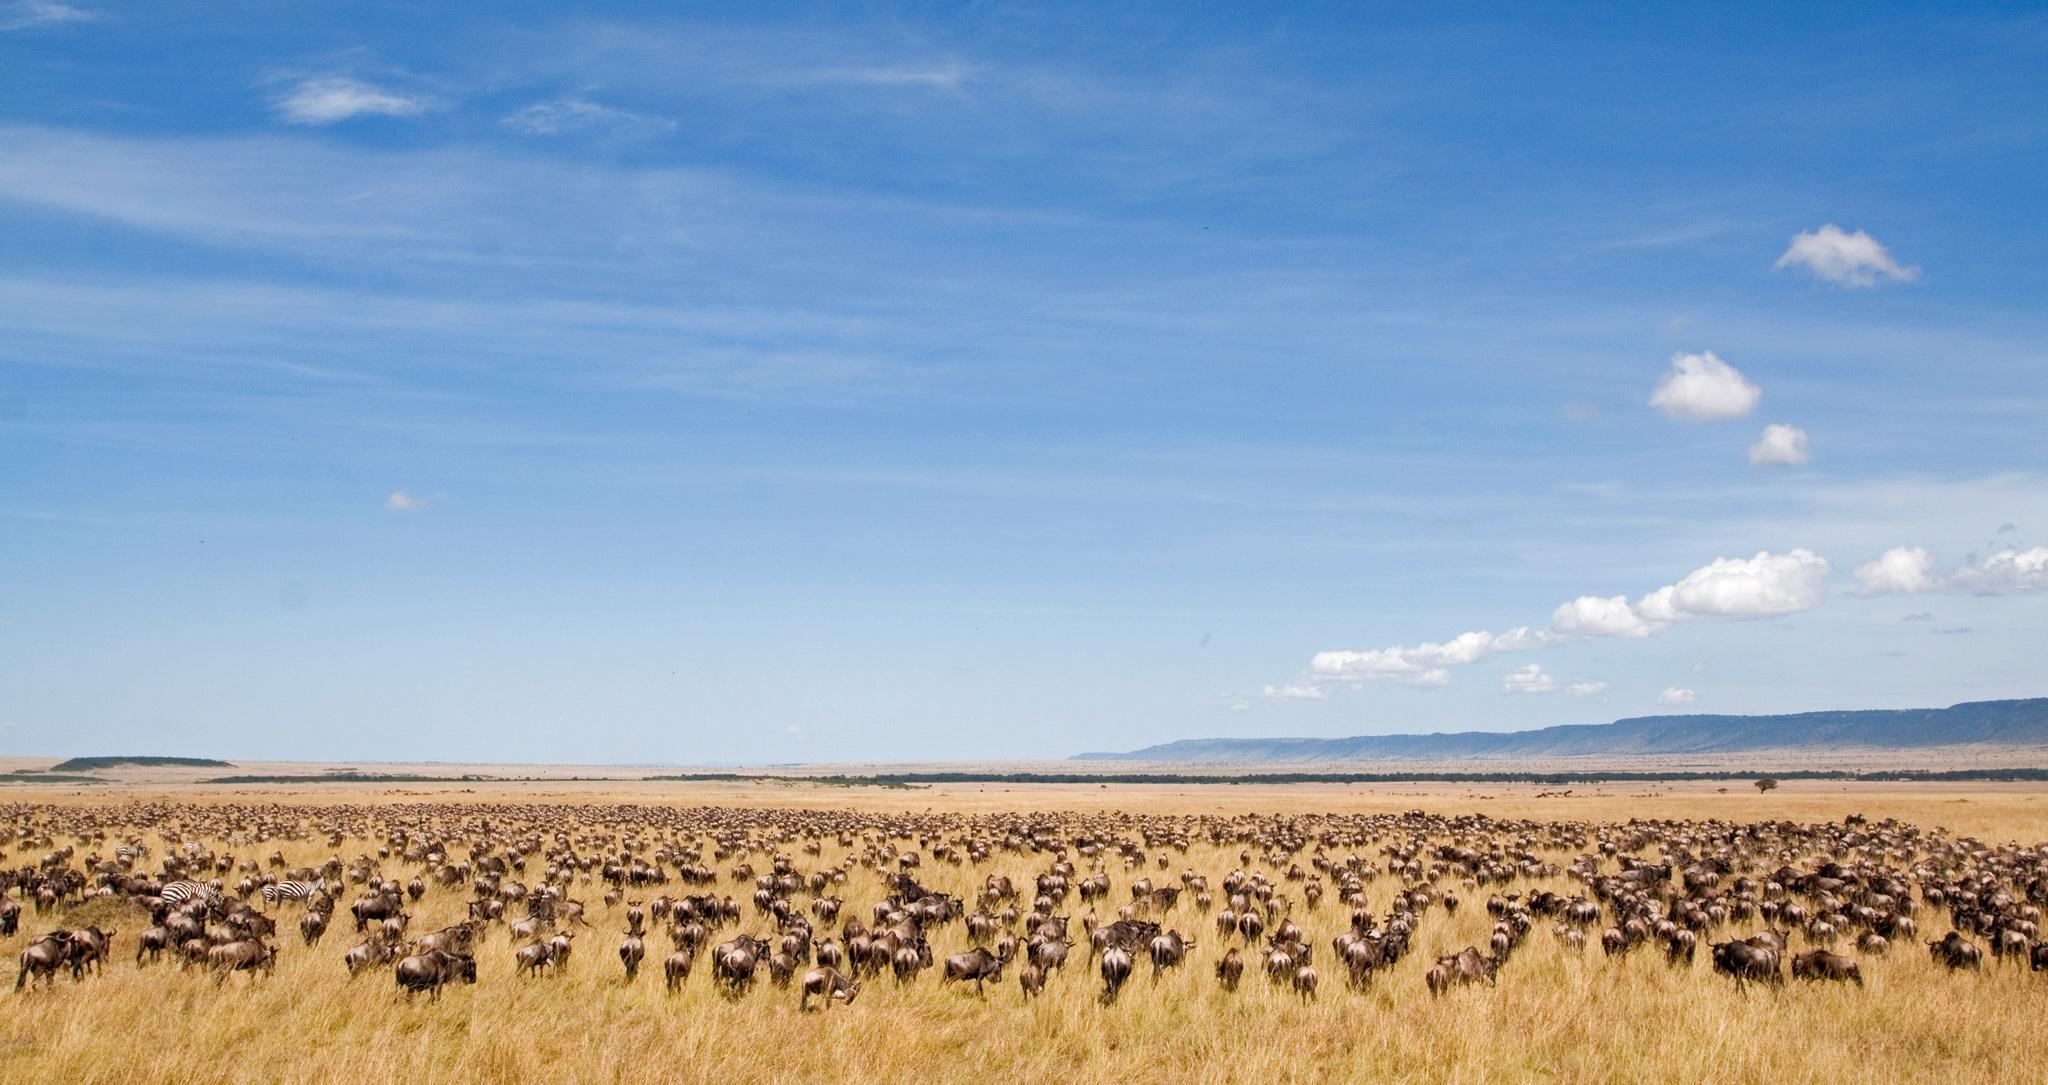 Die große Migration durch die Steppen des Serengeti und Masai Mara Nationalparks